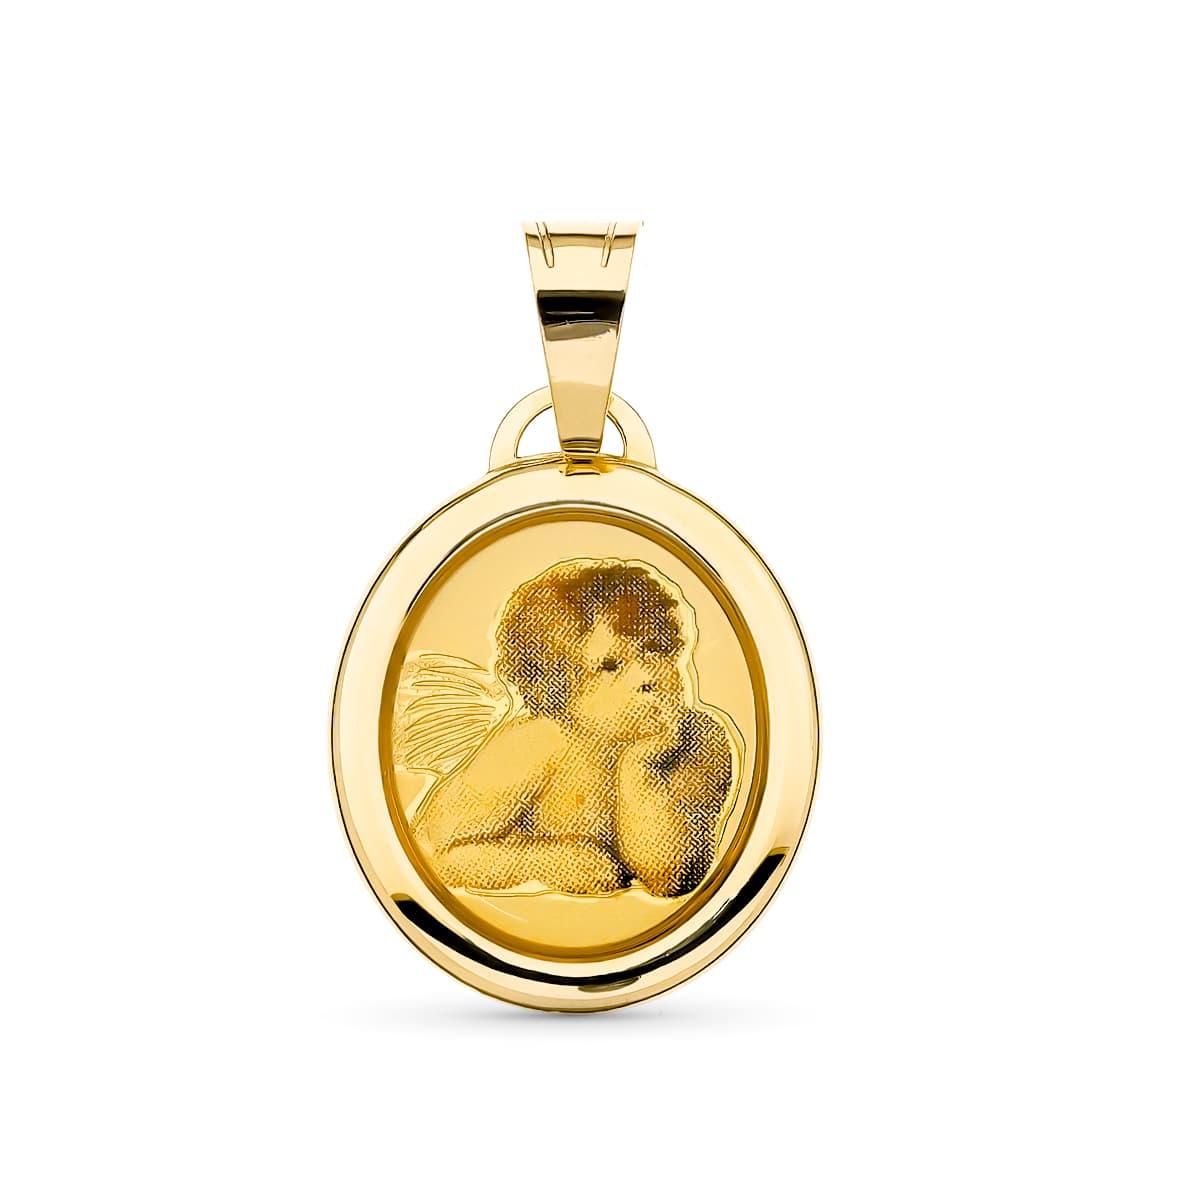 Medalla Angelito. 19 X 15 Mm. 1.20 GrSan